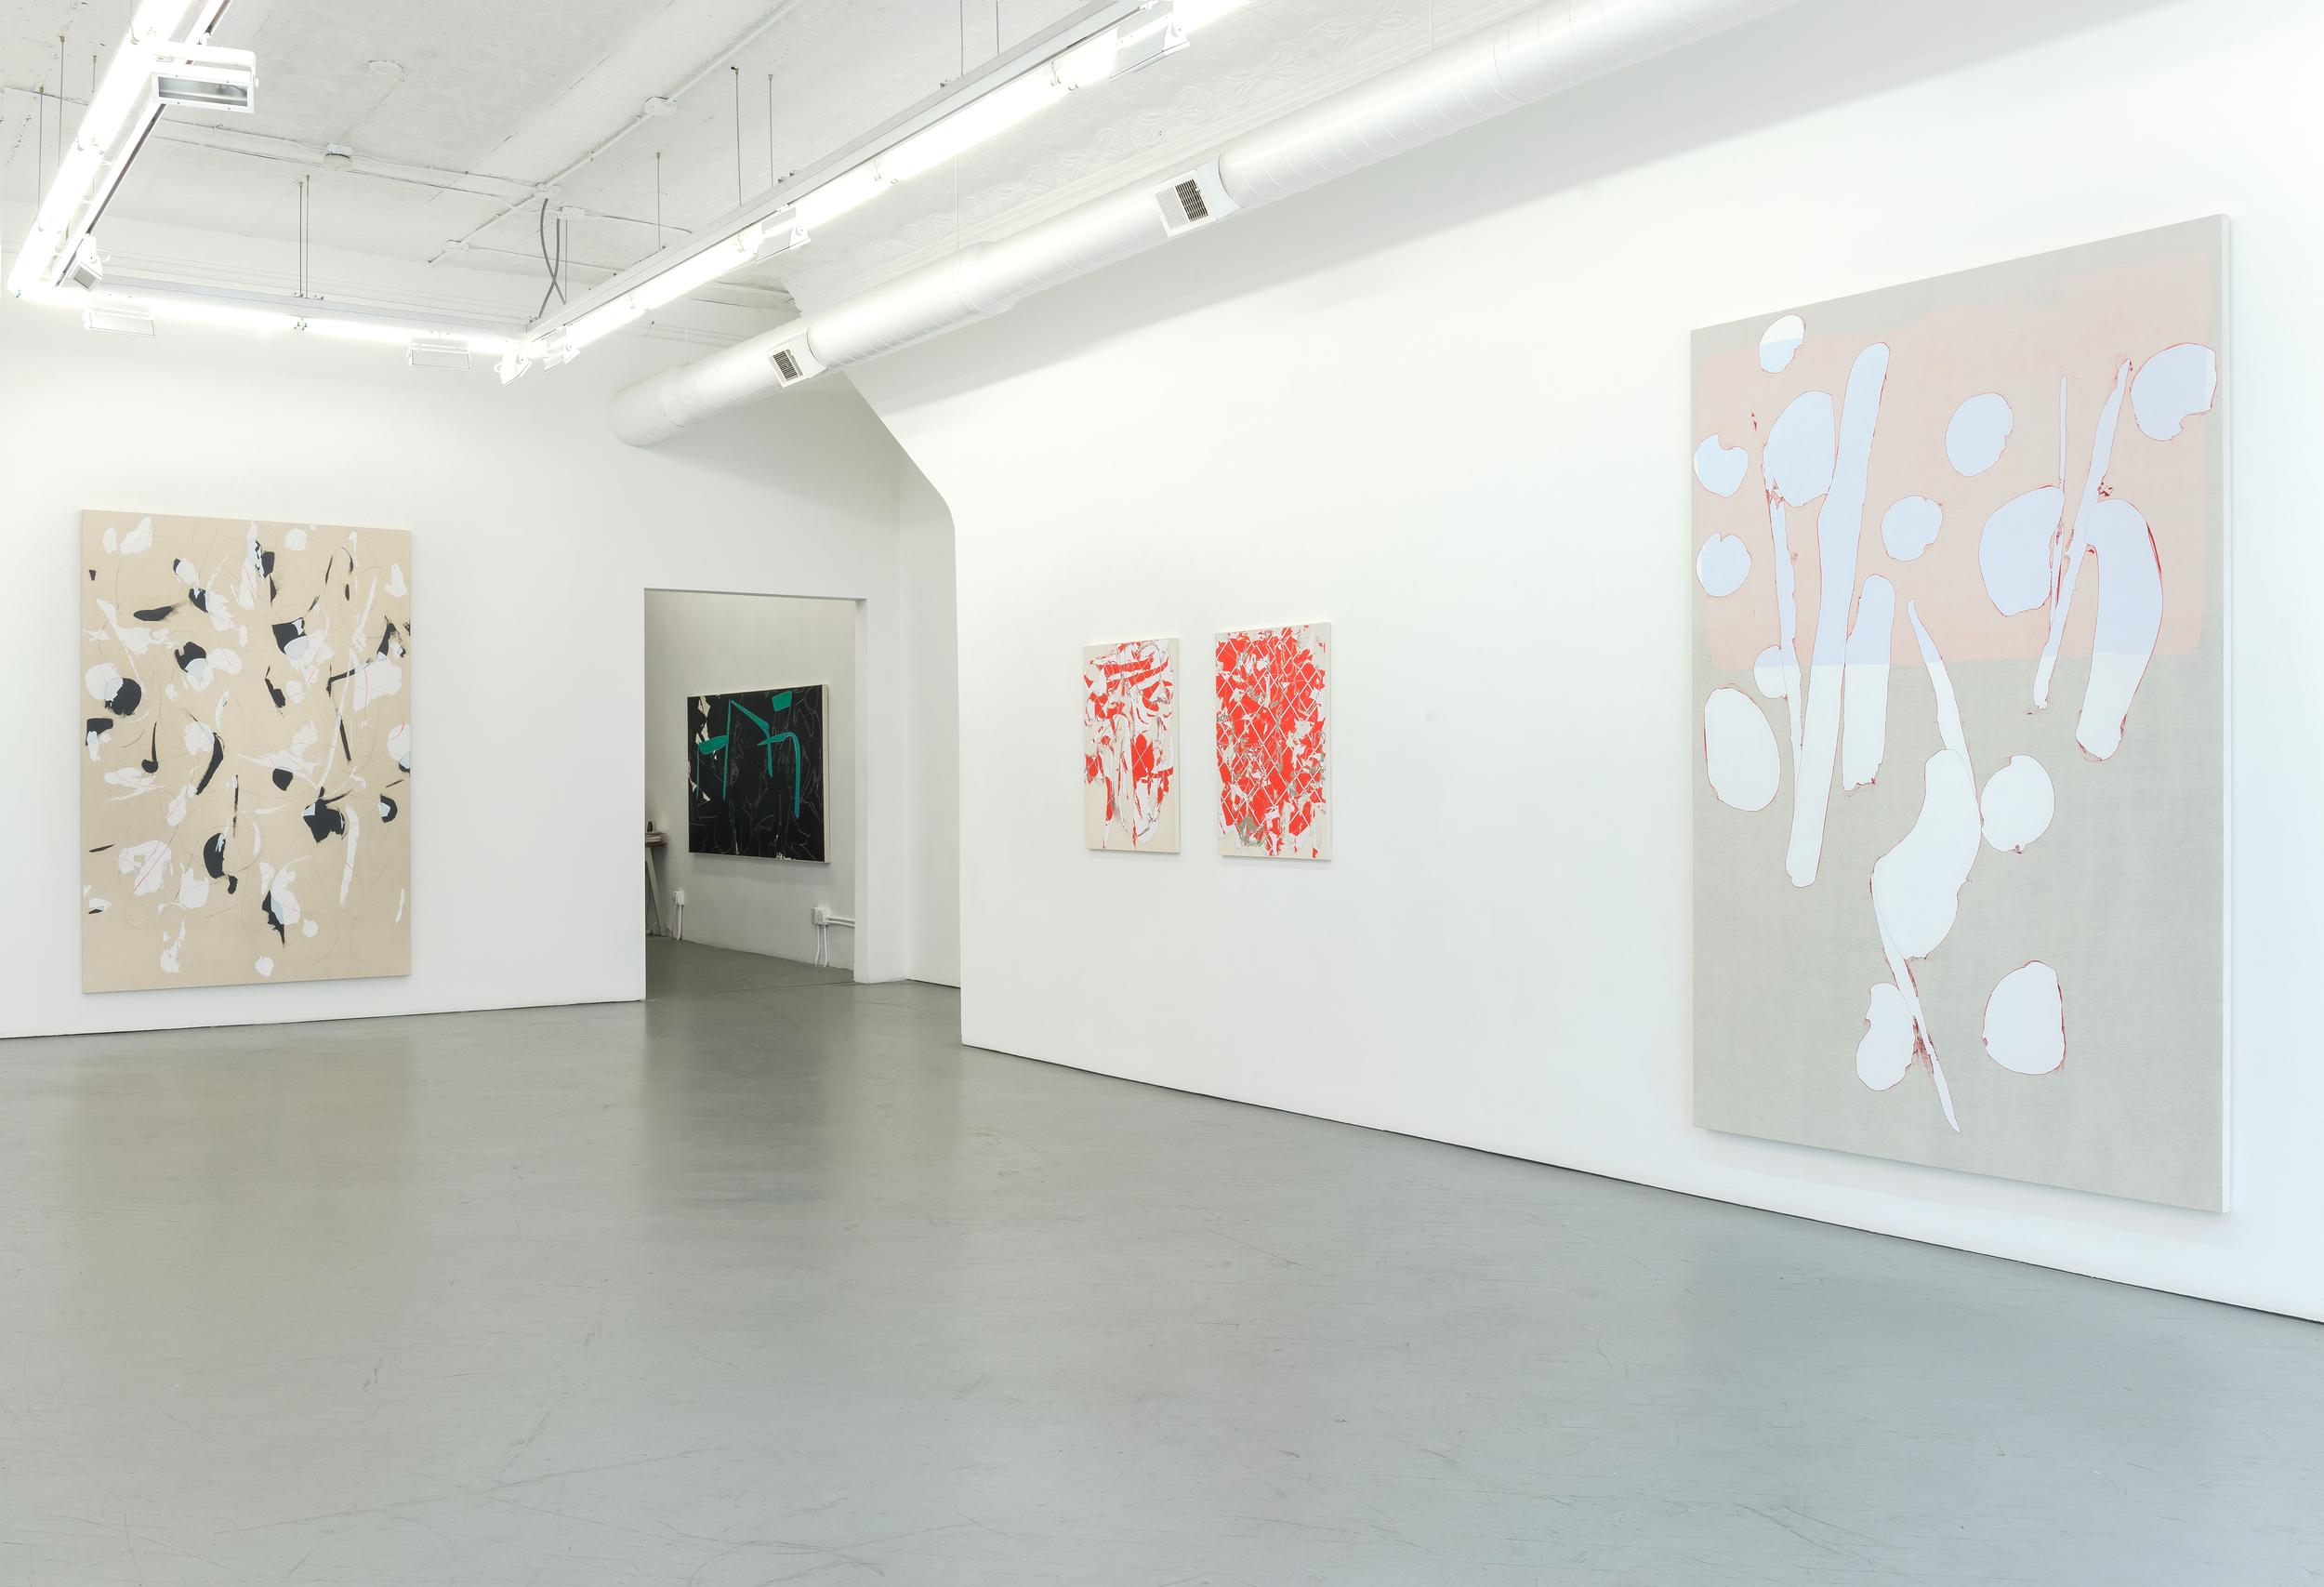 Zak Prekop   2014   Shane Campbell Gallery, Chicago Installation View